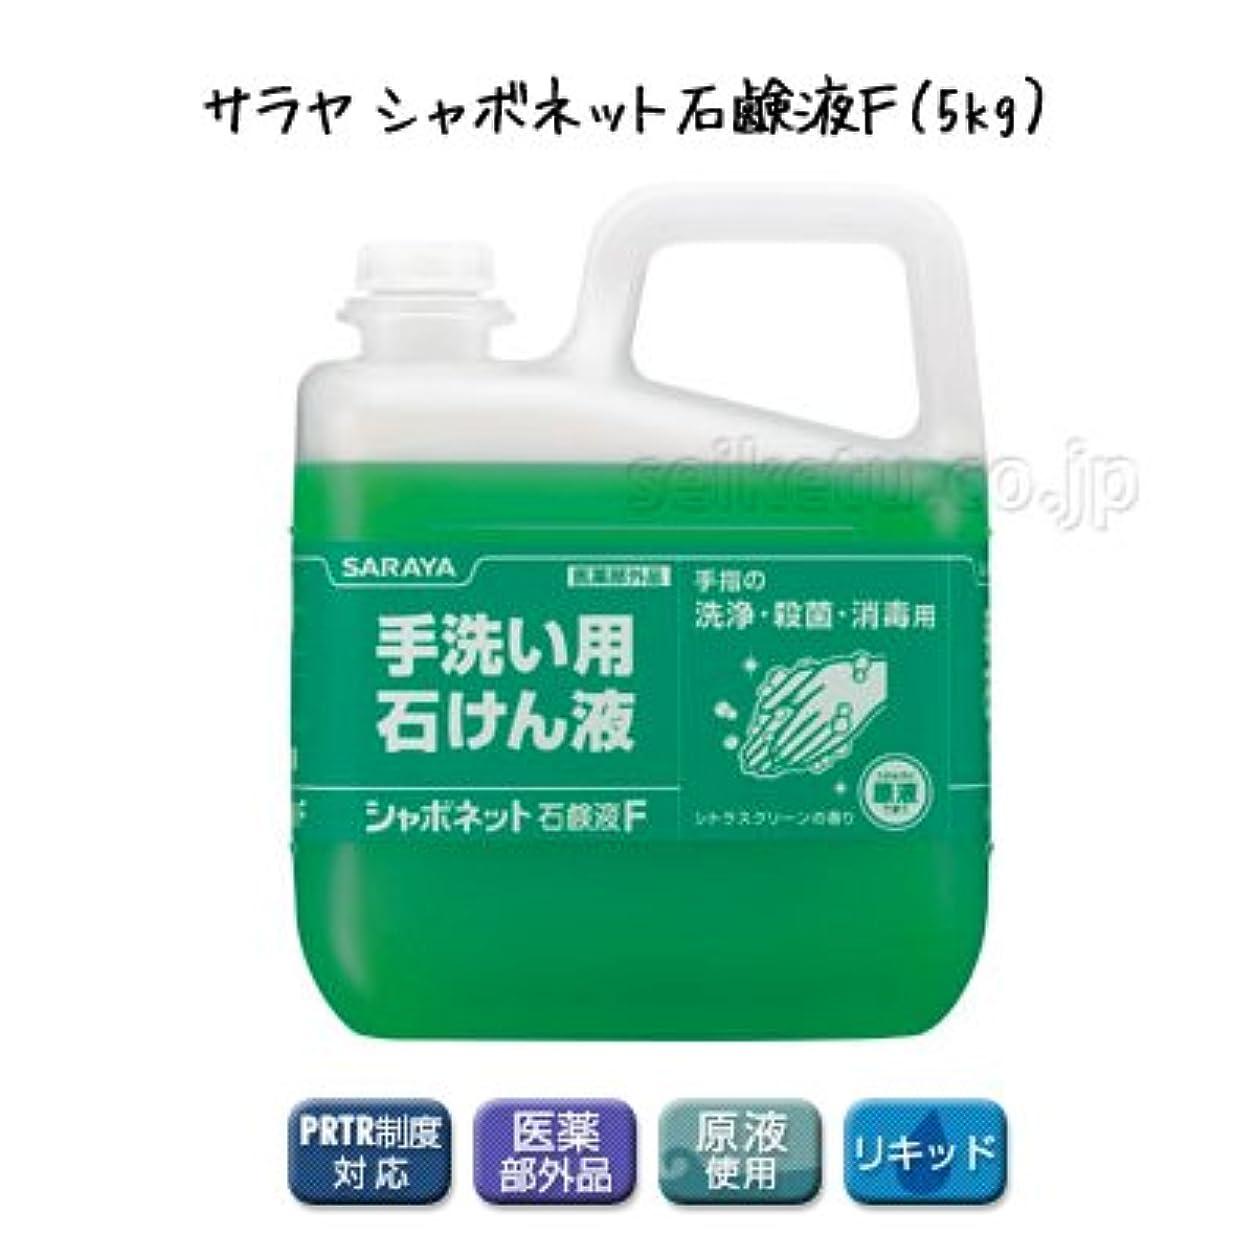 起きる告白するふくろう【清潔キレイ館】サラヤ シャボネット石鹸液F(5kg)